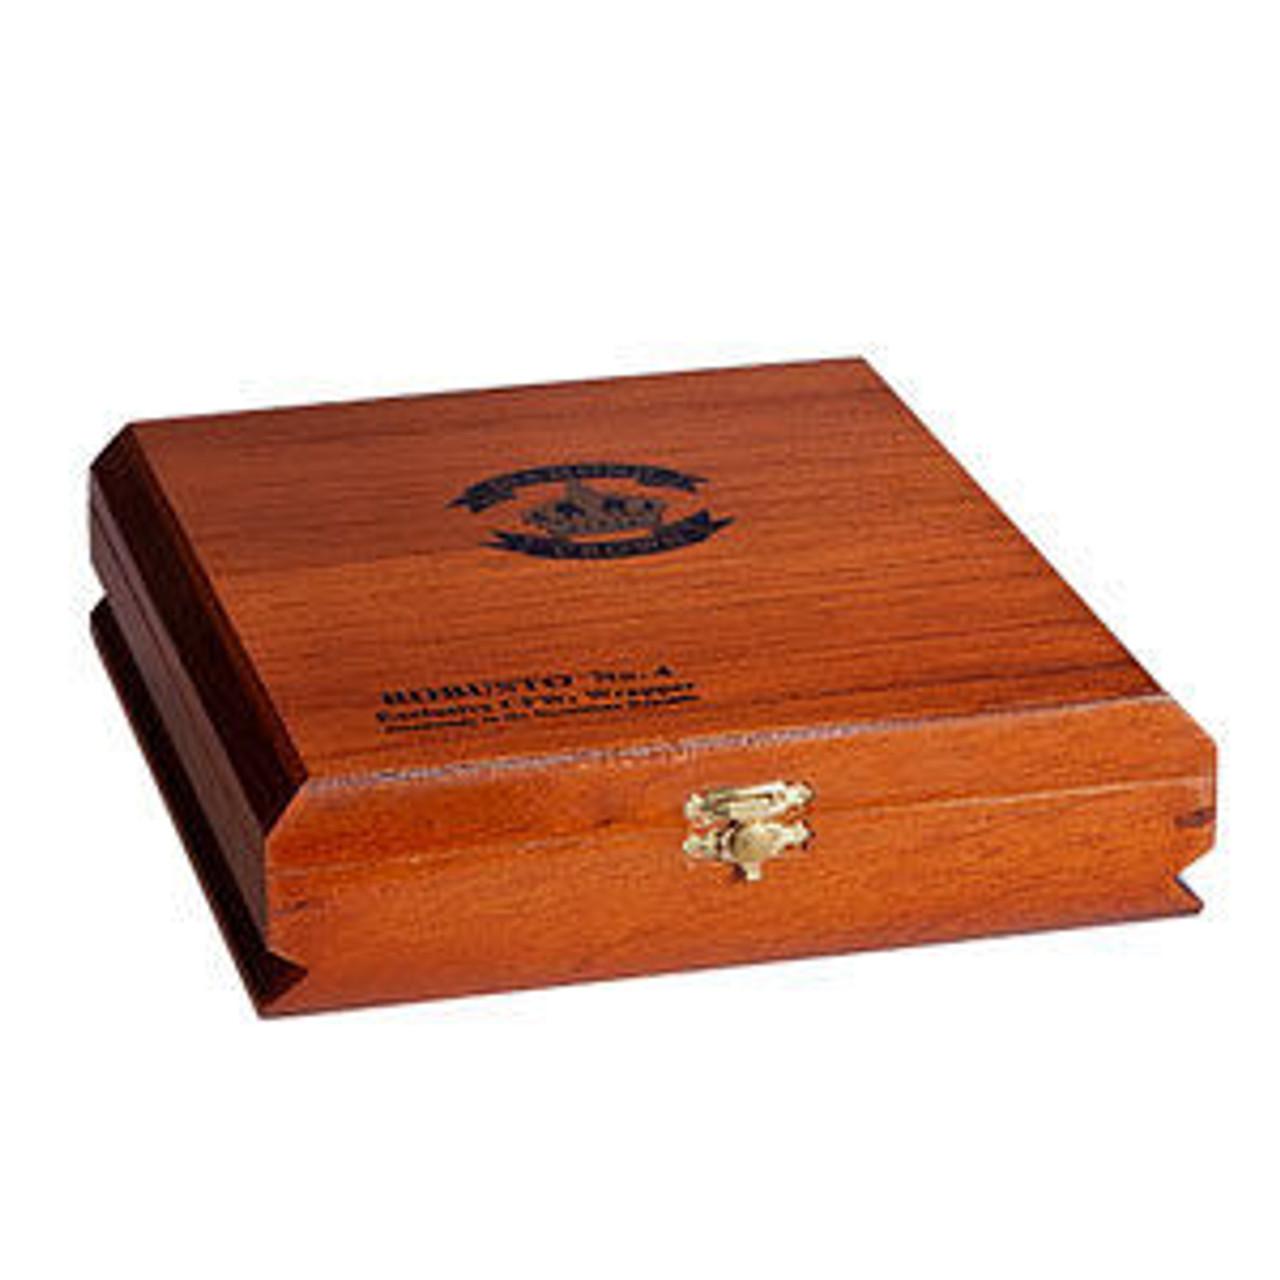 Diamond Crown Figurado No. 6 Cigars - 6.0 x 64 (Box of 15)